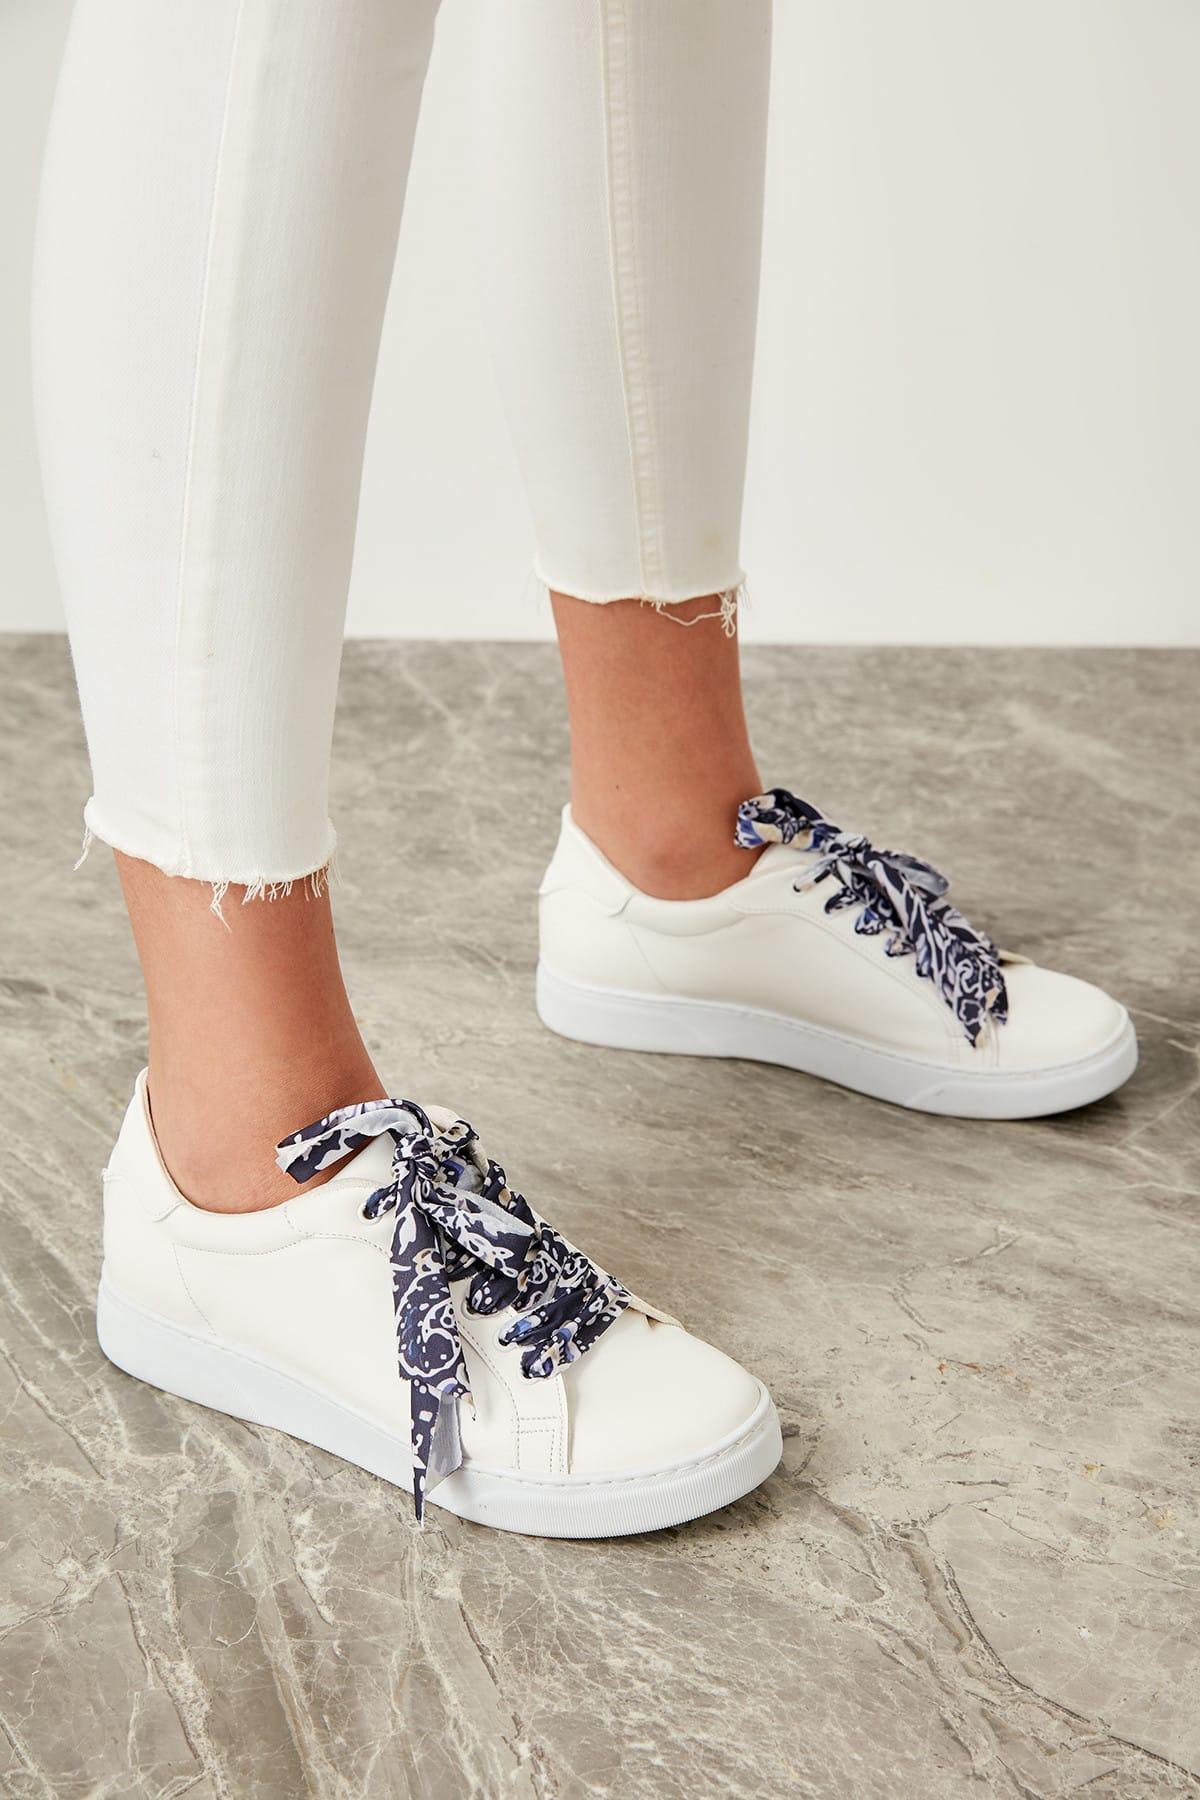 Trendyol Woman In White Sneaker